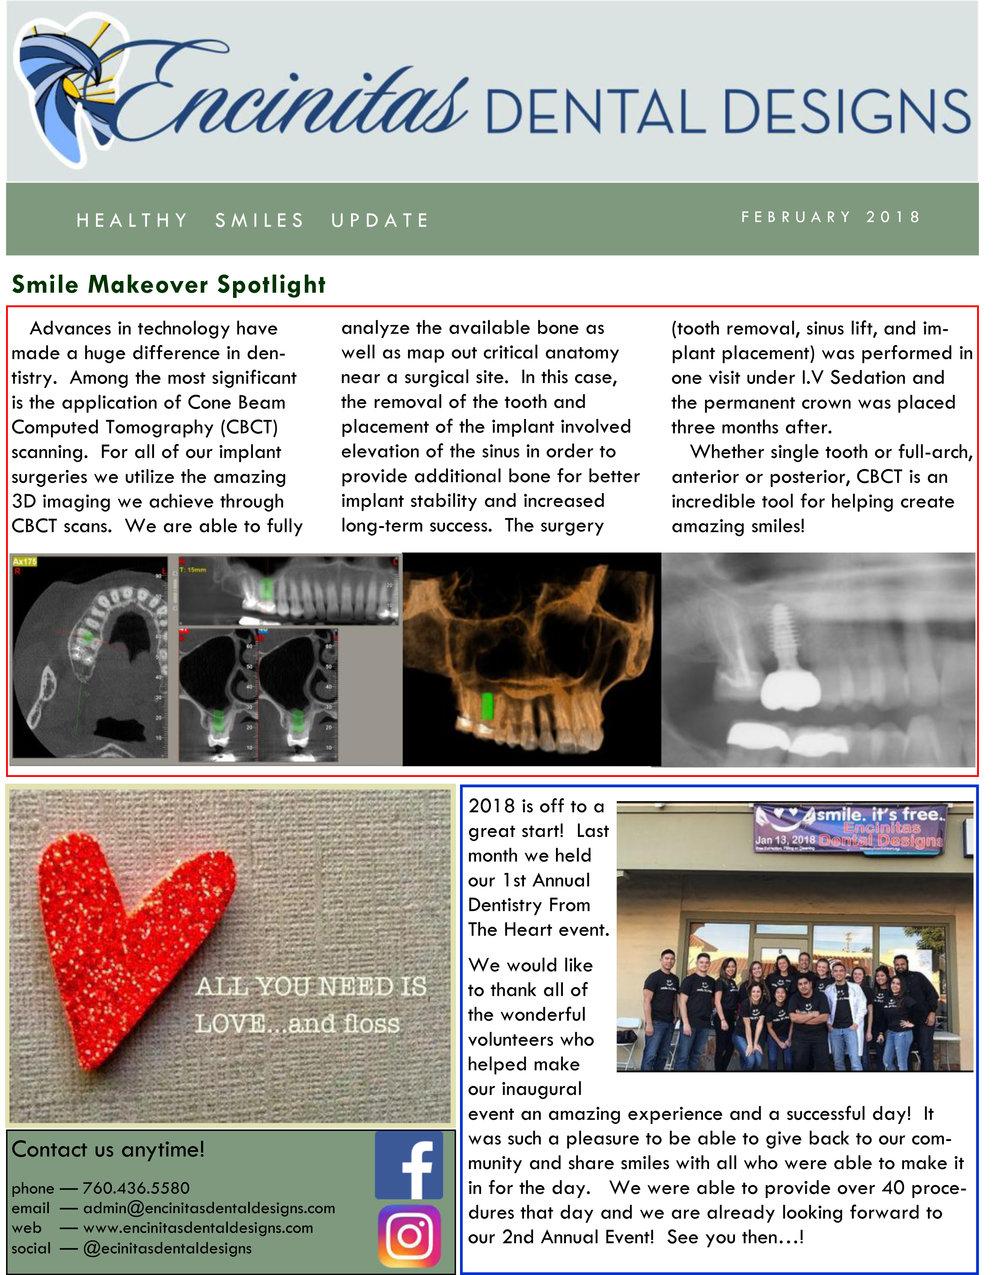 healthysmiles022018 (1) copy.jpg